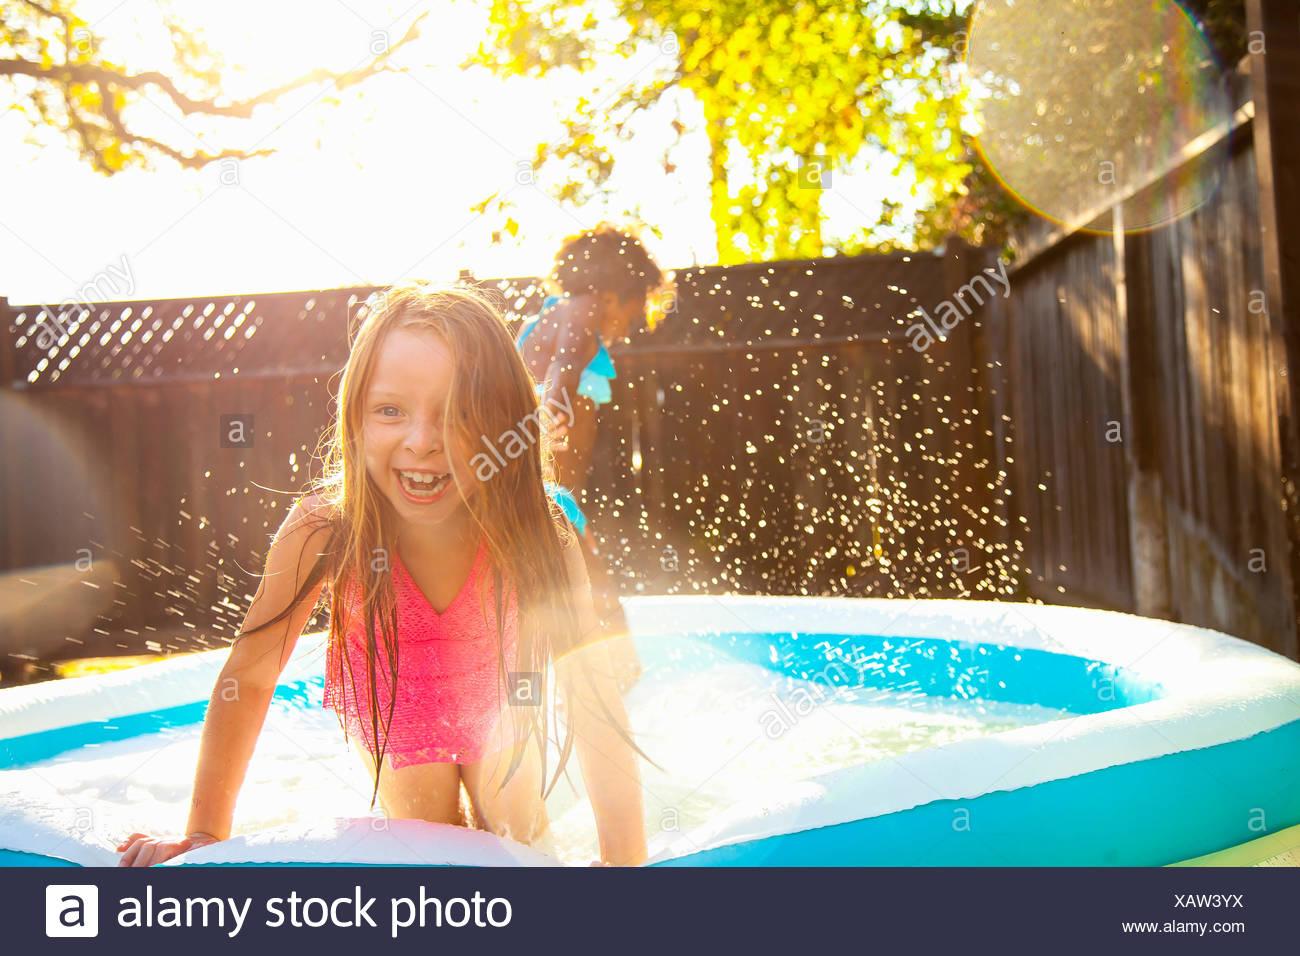 Dos niñas jugando en el jardín piscina Imagen De Stock